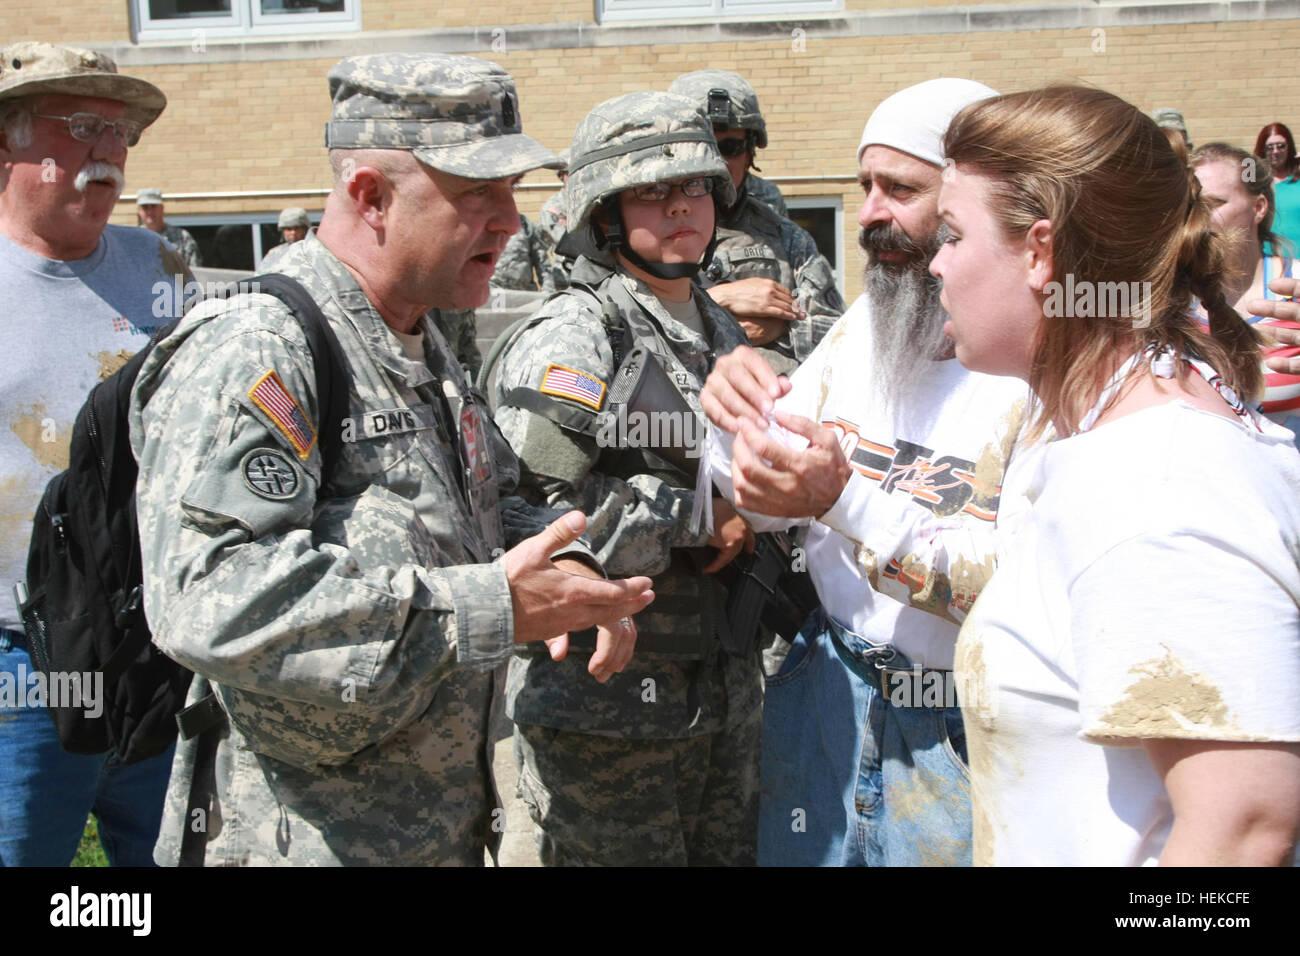 Famoso Reanudar Muestra Para Experiencia Militar Componente ...